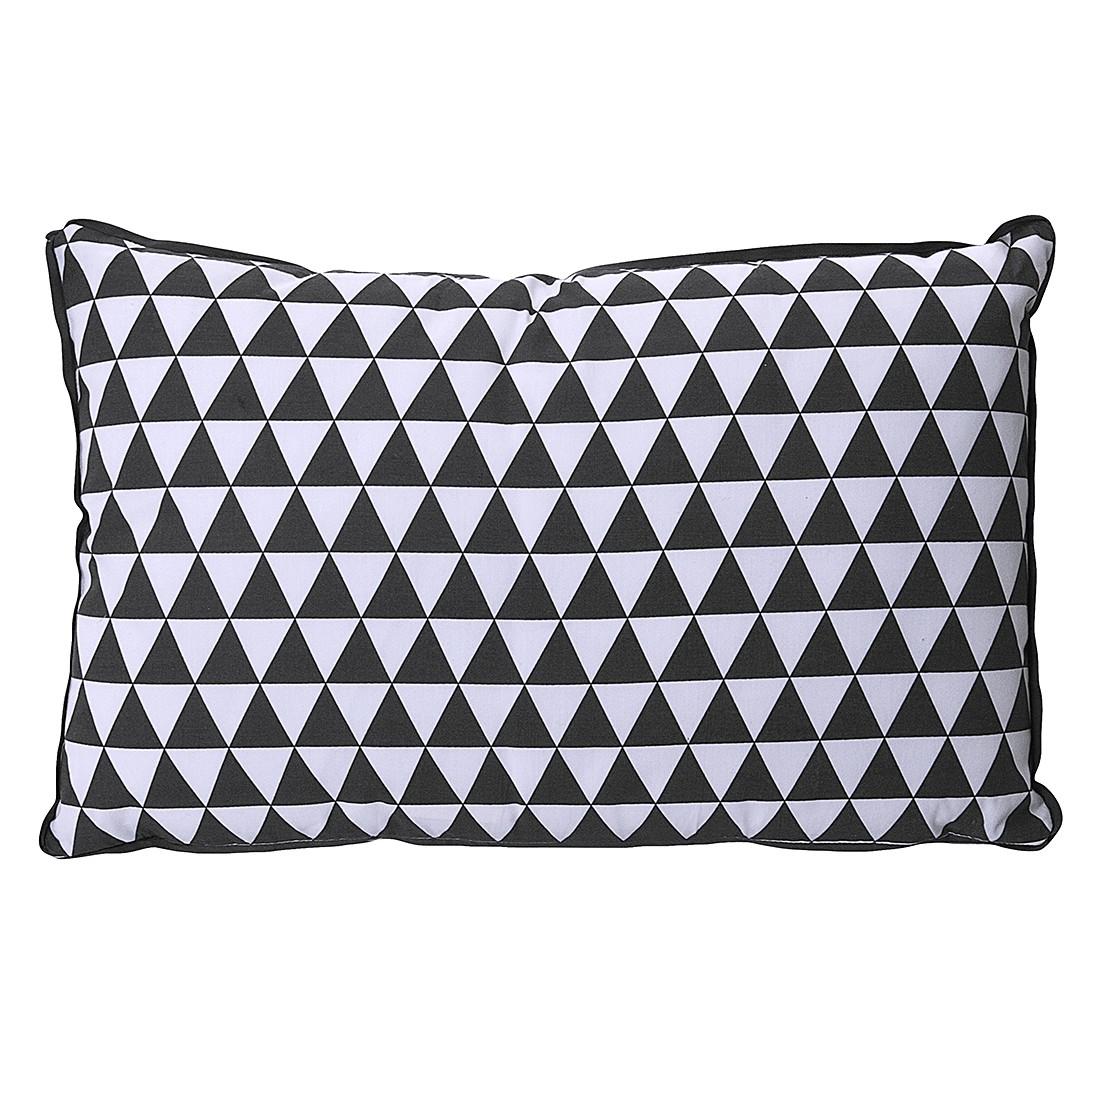 Kissen Triangles II – Dunkelgrau/Weiß, Present Time kaufen